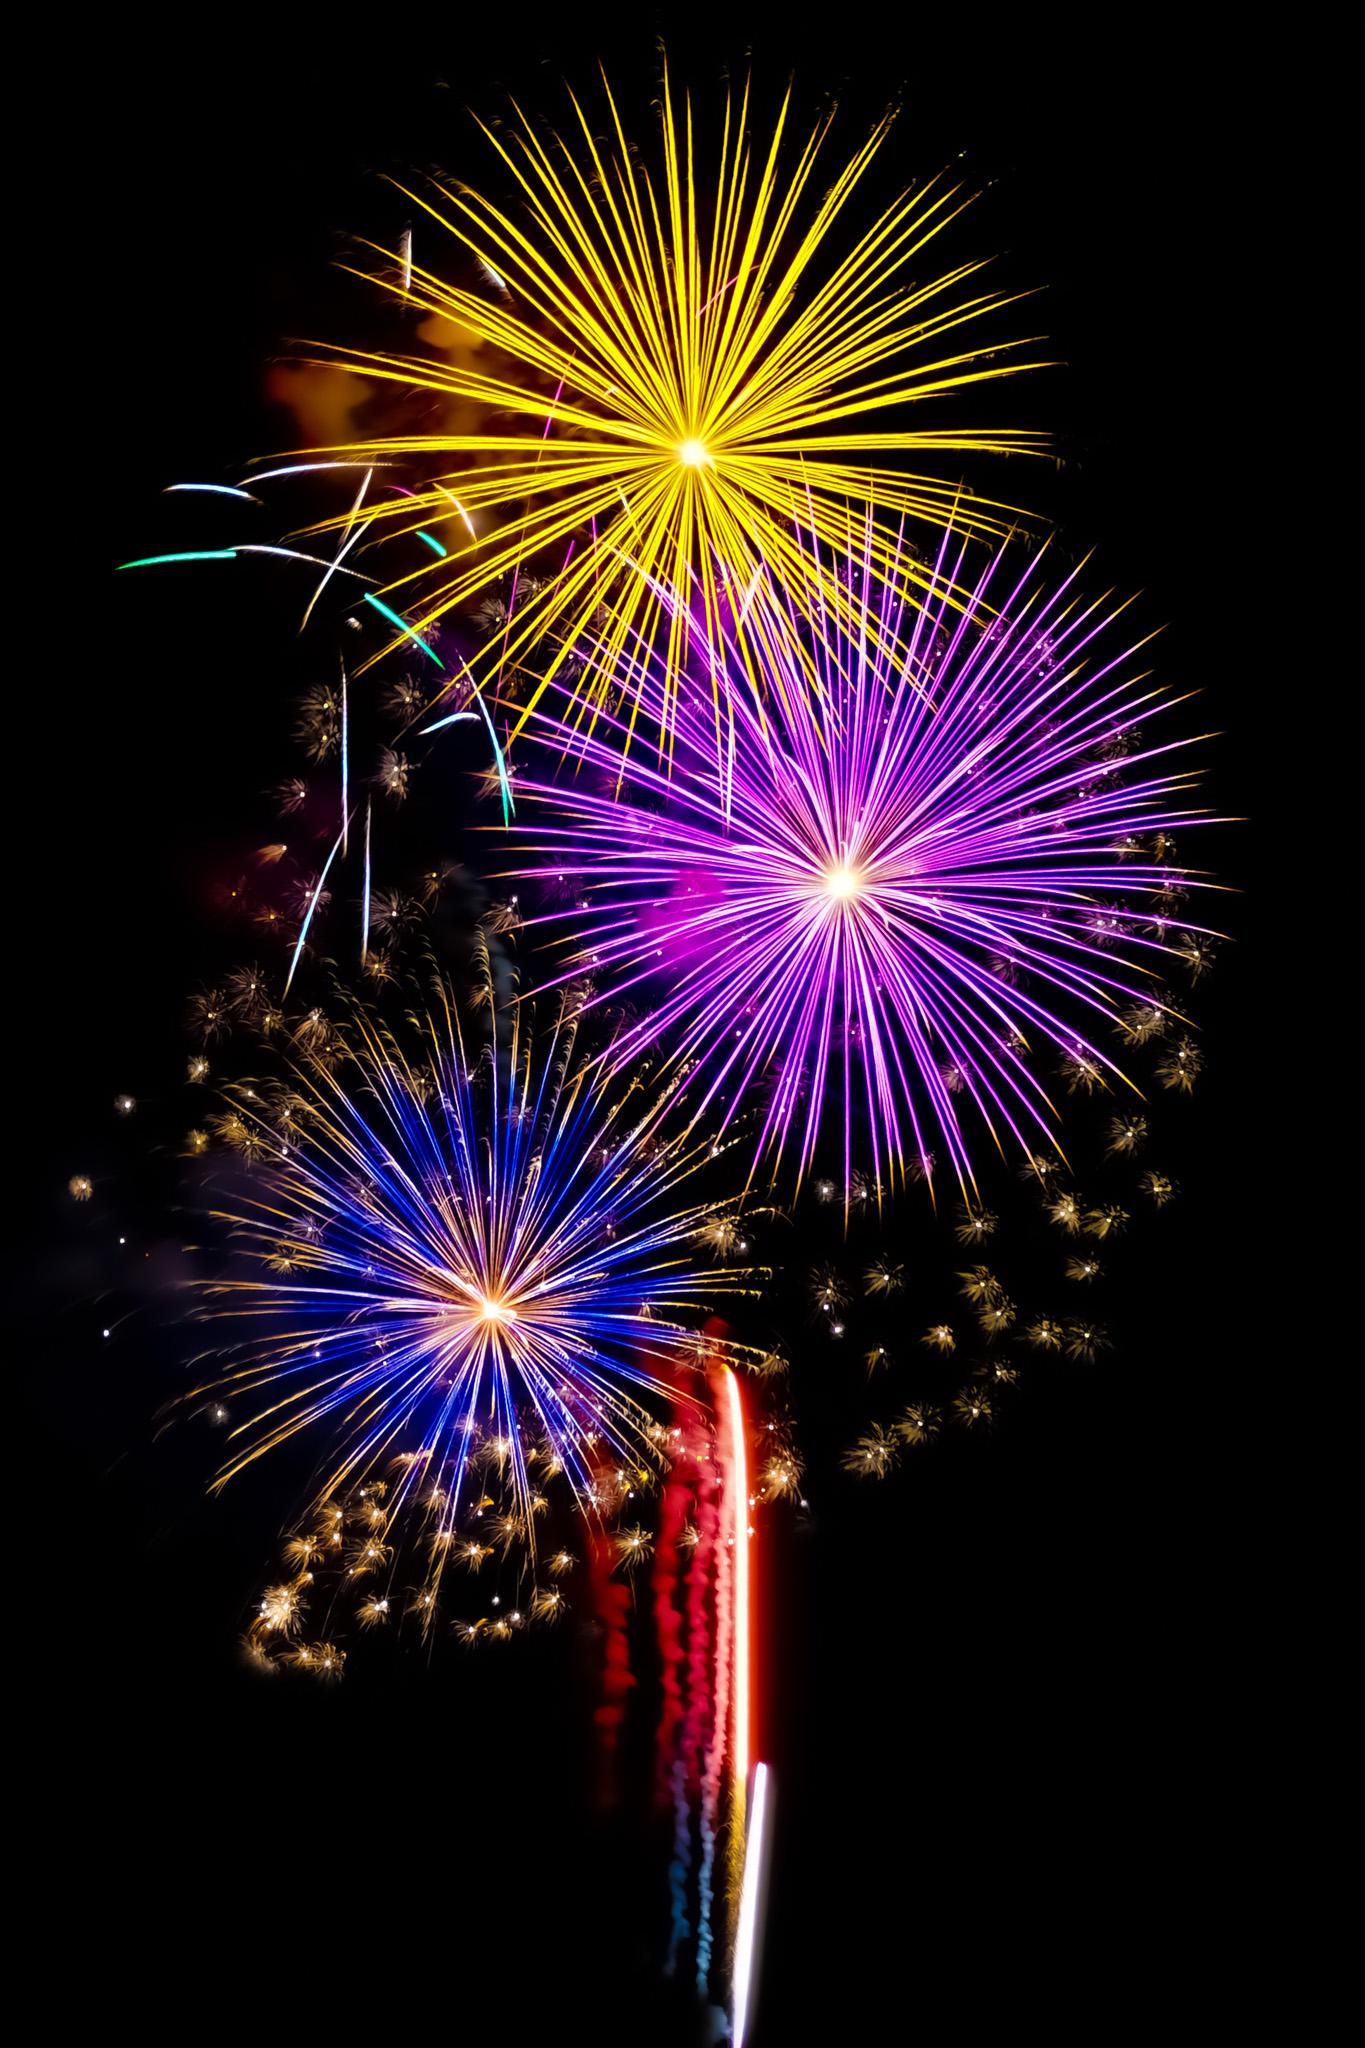 「煌めく花火が美しい夏の花火大会」の画像を無料ダウンロード